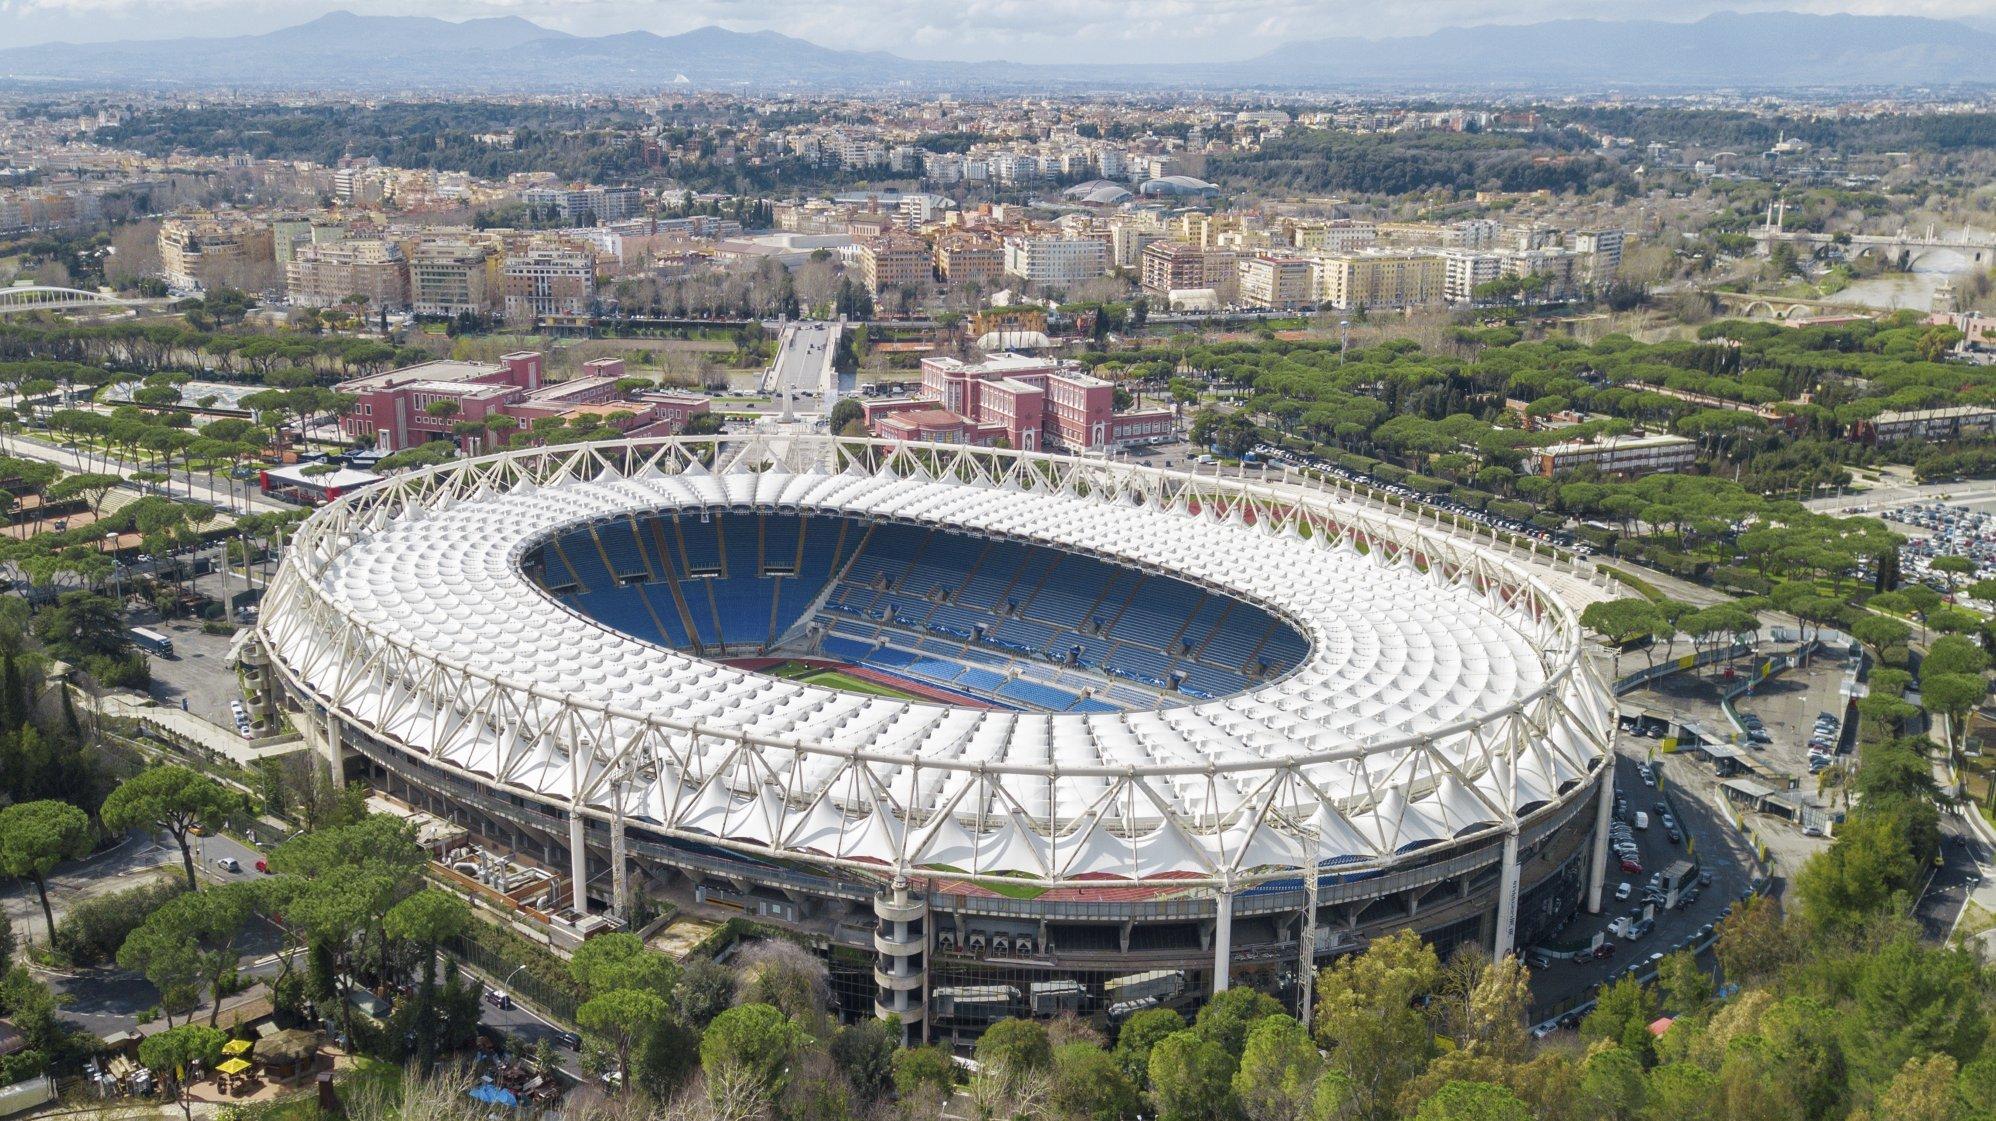 Sabato Rai Sport, Palinsesto 12 Ottobre 2019 | Italia - Grecia e Il Lombardia